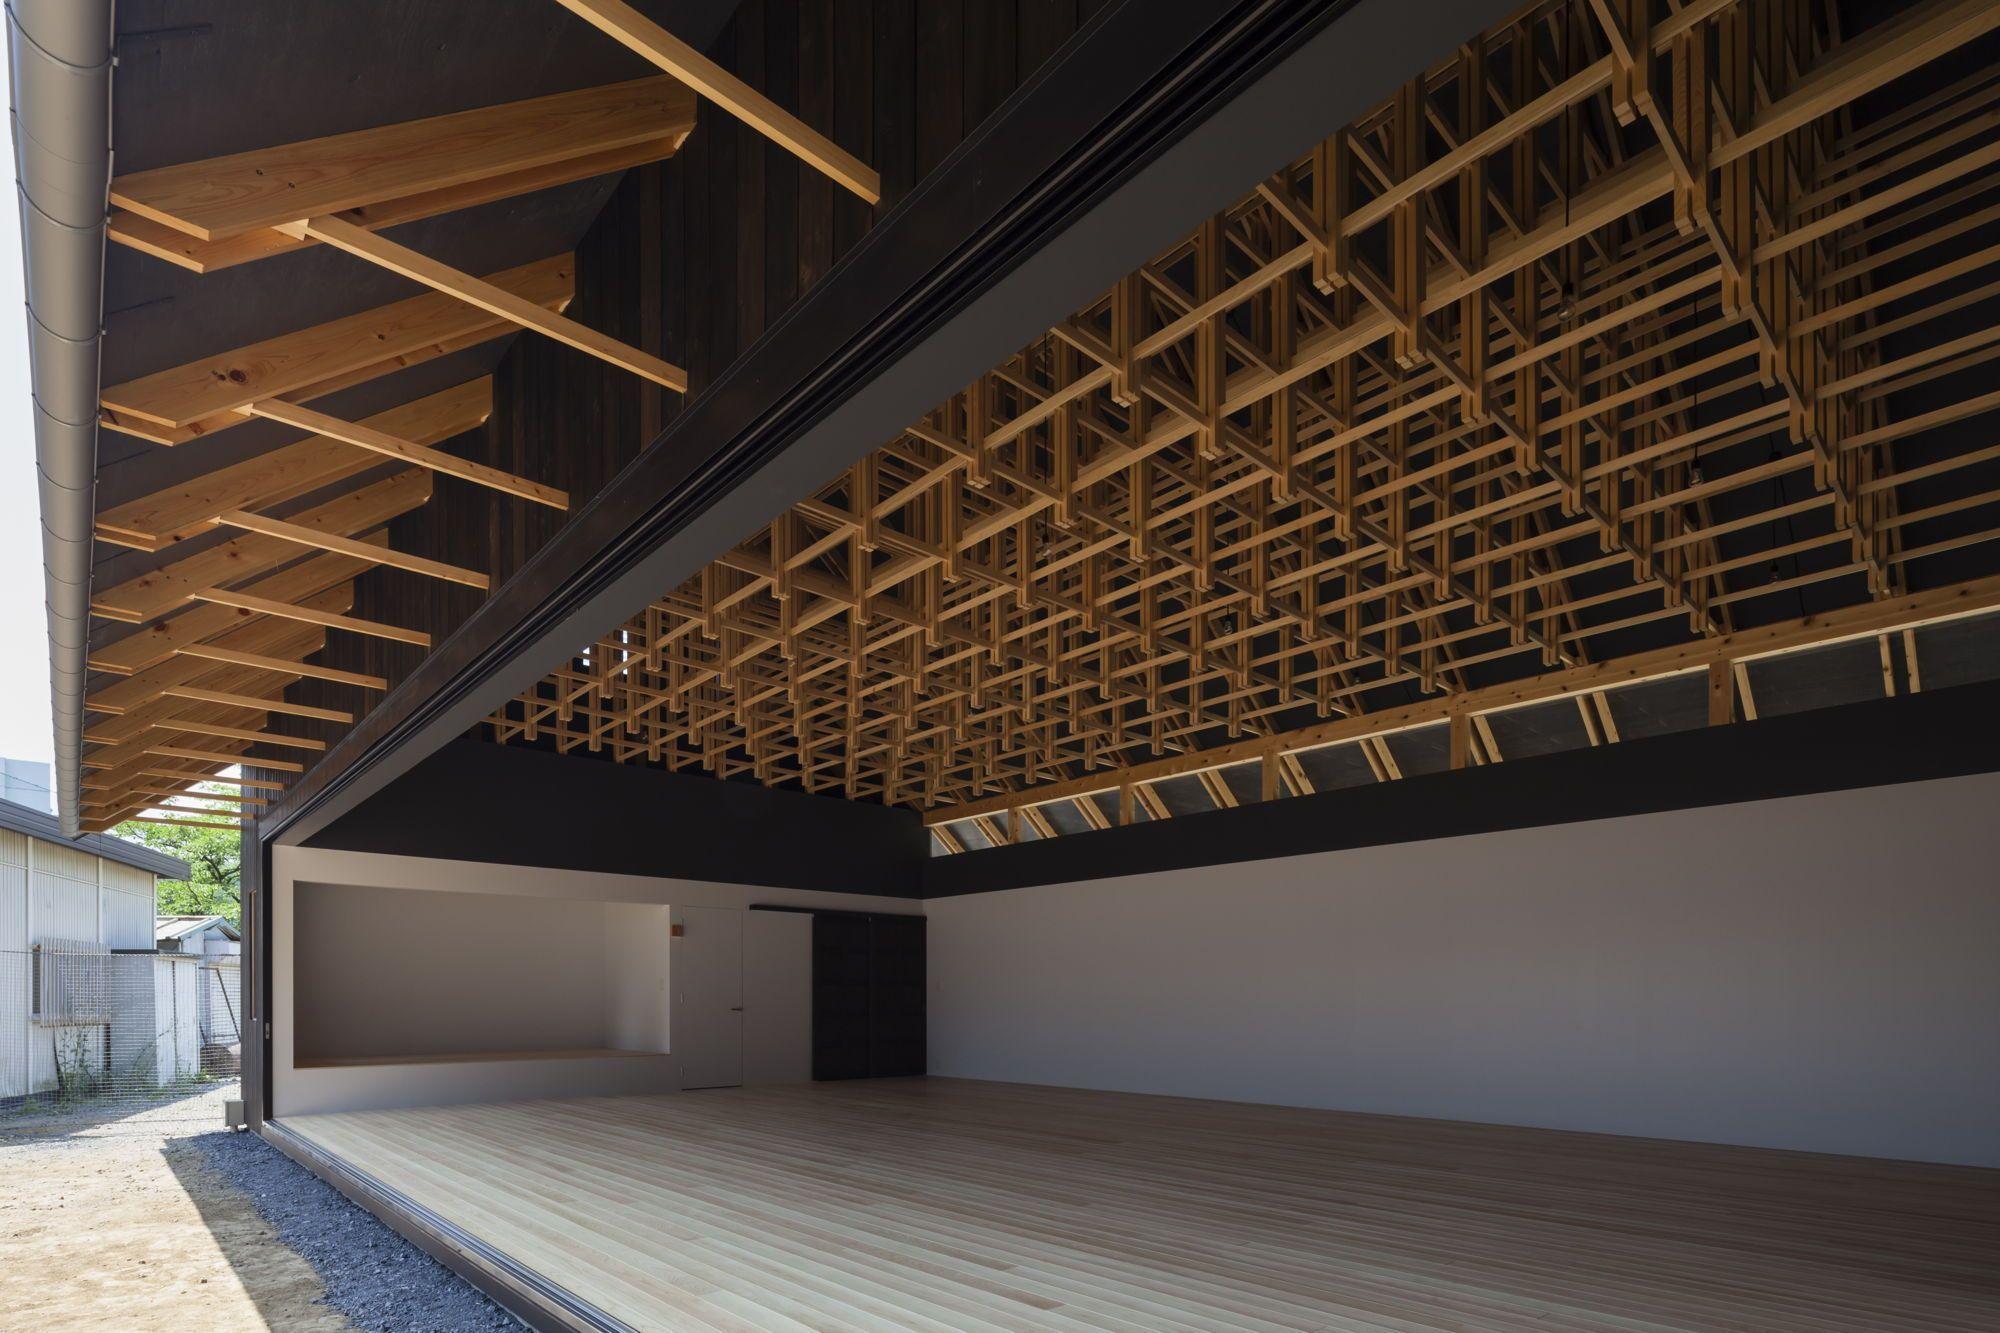 Fachwerk auf japanisch zwei sporthallen in tokio arch contemporary architektur fachwerk - Japanische innenarchitektur ...